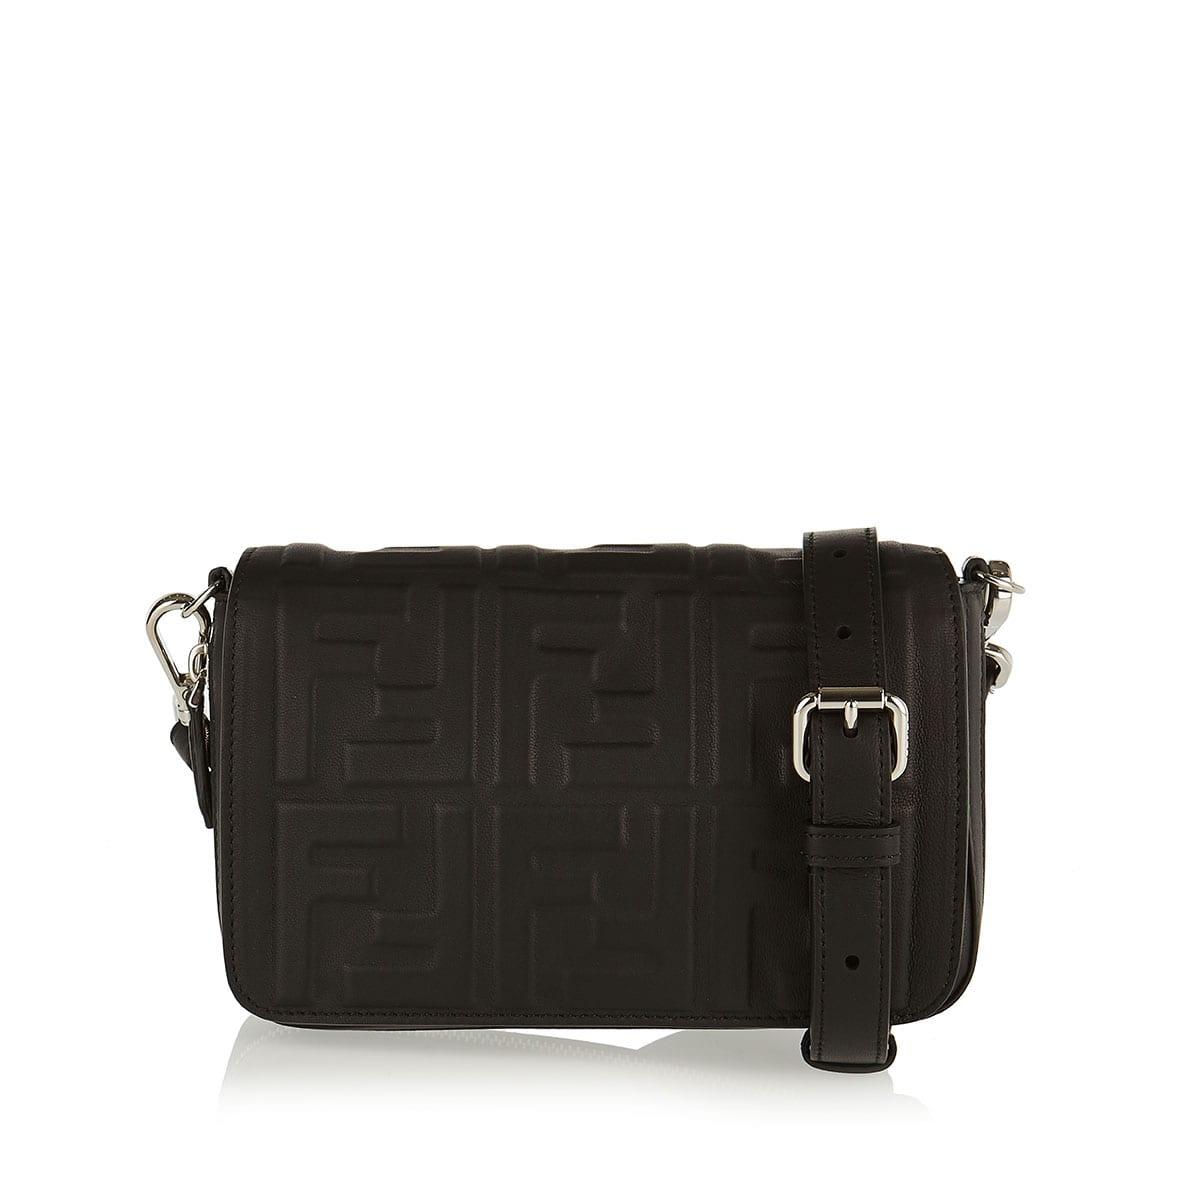 FF mini leather bag